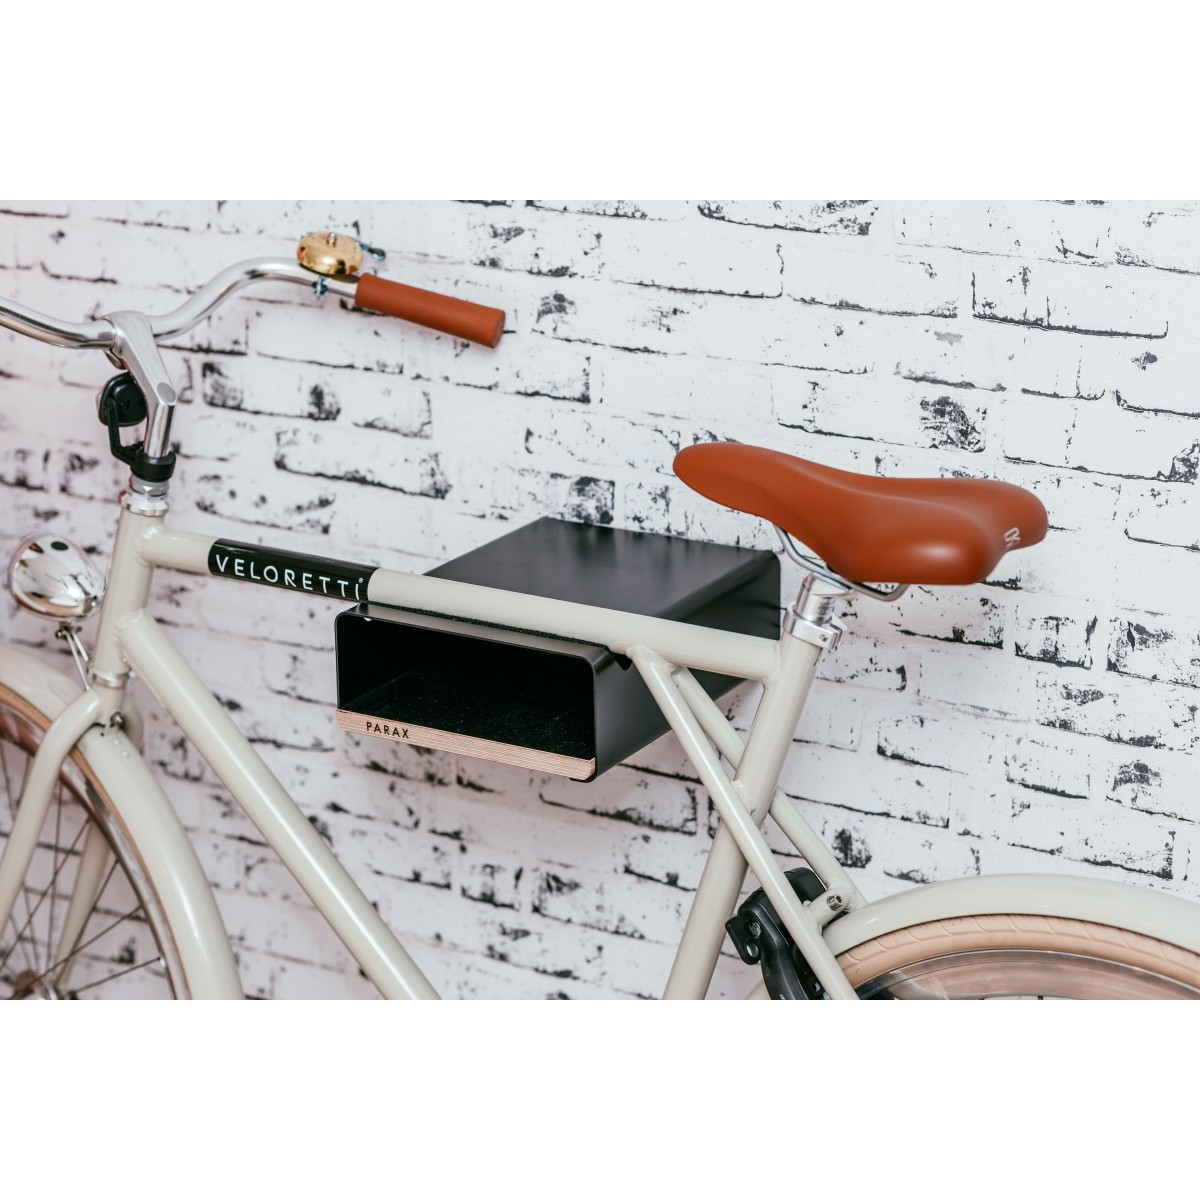 Design Fahrrad-Wandhalterung S-RACK | Schwarz mit Holz Schwarz | für Rennrad Hardtail & Cityrad | Fair & in Deutschland gefertigt